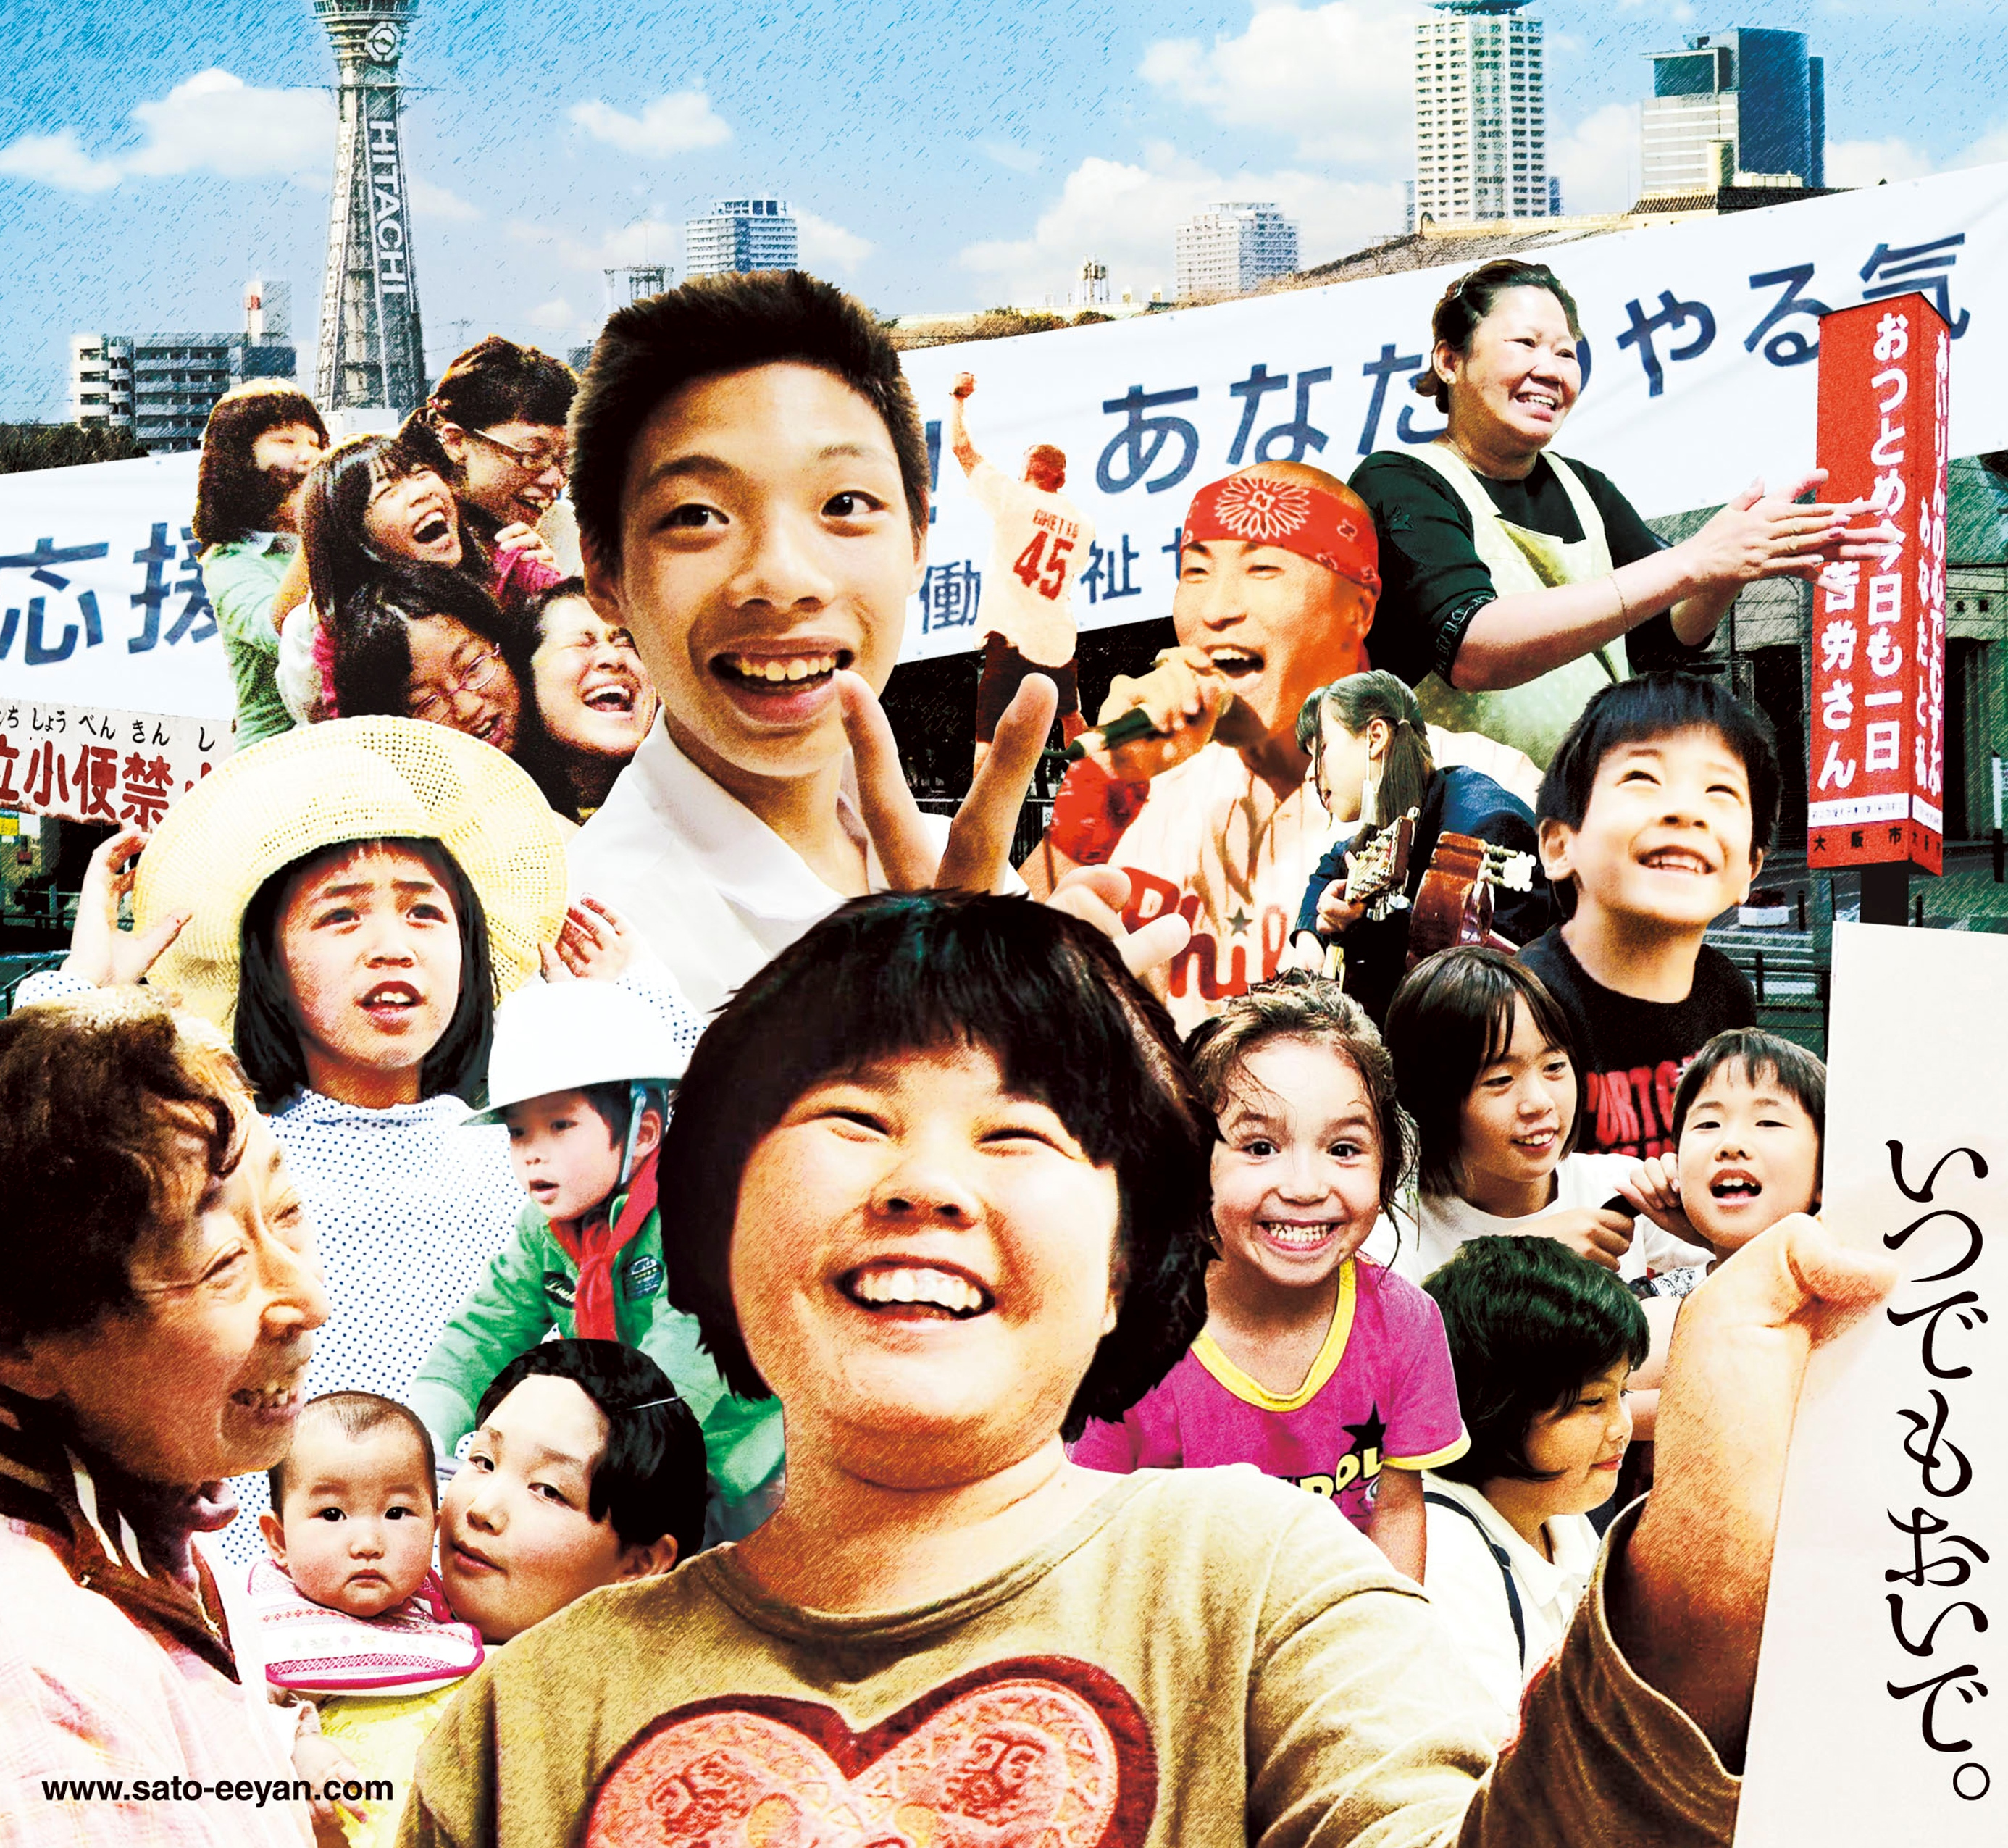 【文京区】「さとにきたらええやん」映画上映会 (文京シビックホール)